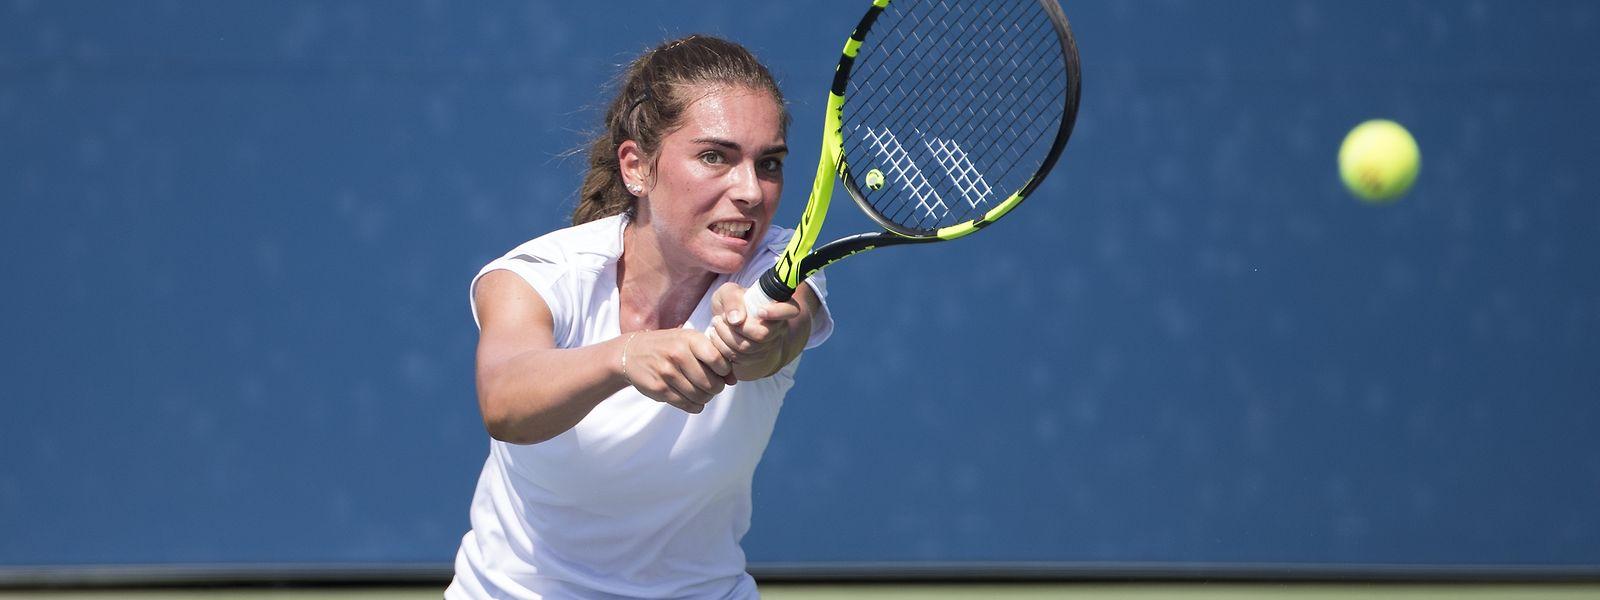 Für Eléonora Molinaro ist die Juniorinnenkarriere nun vorbei.